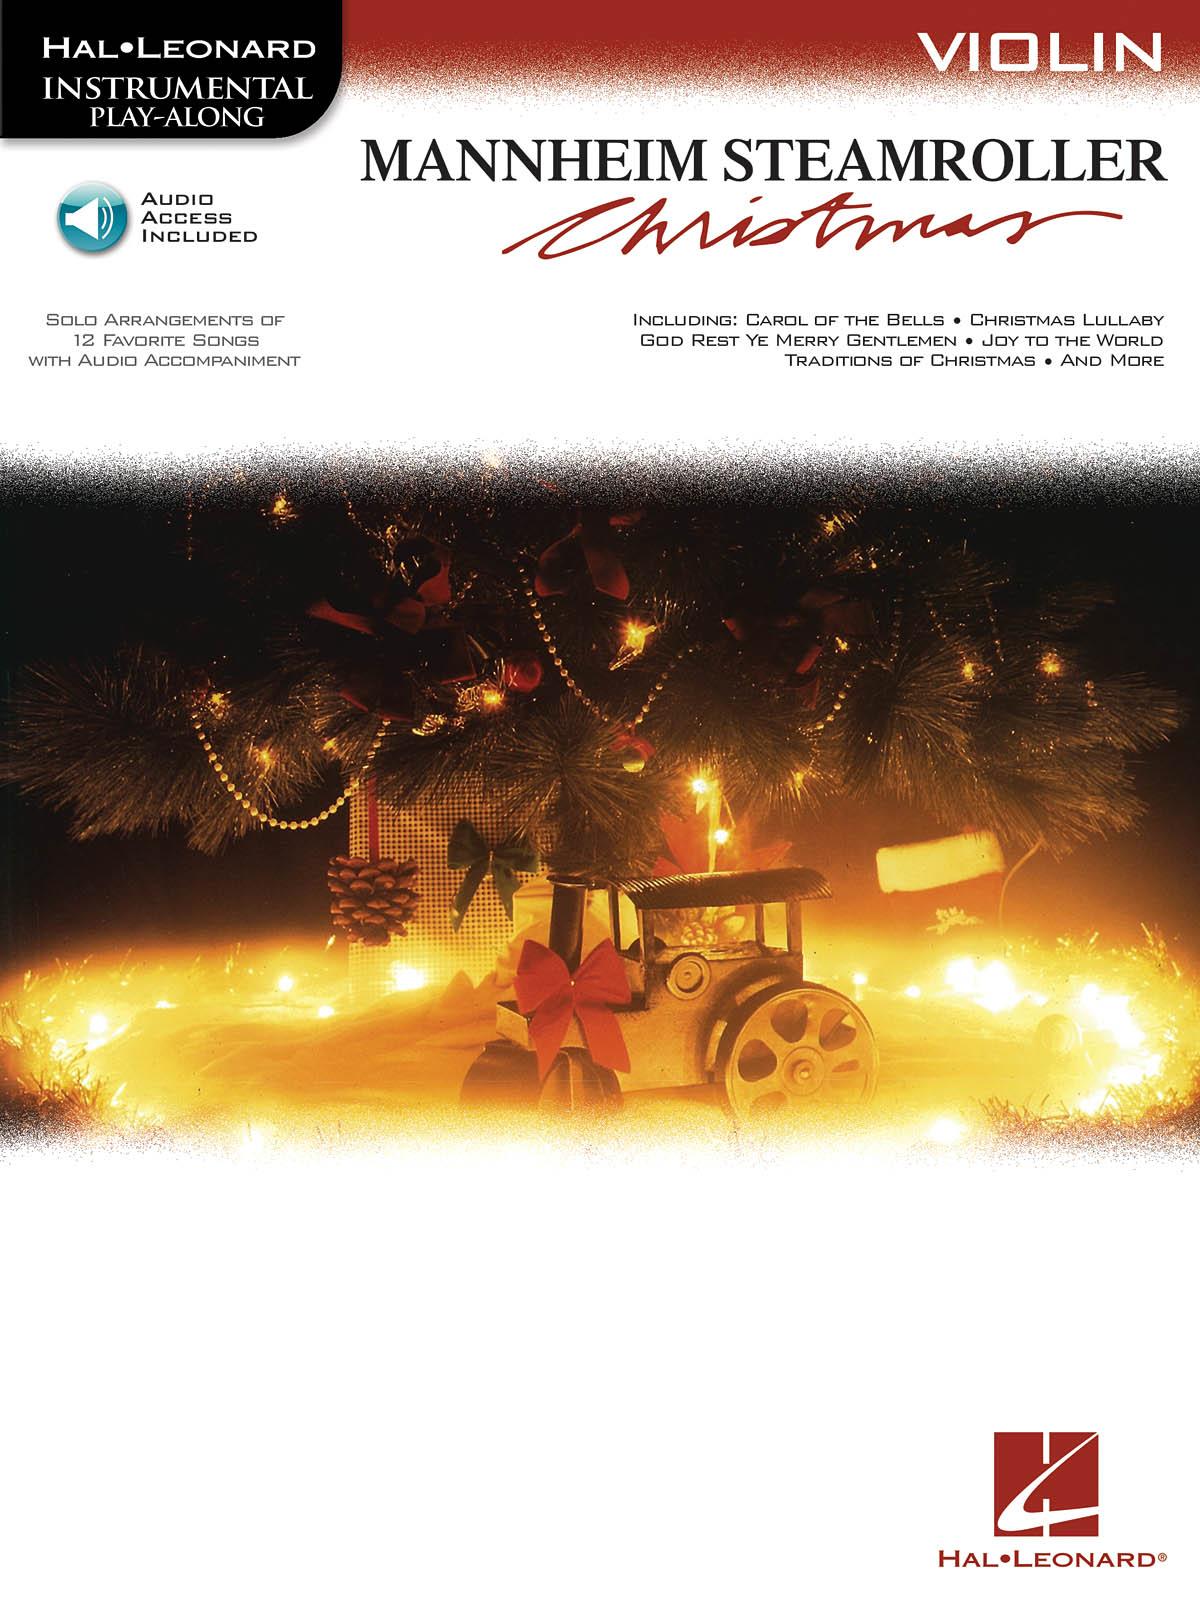 Mannheim Steamroller: Mannheim Steamroller Christmas - Violin: Violin Solo: